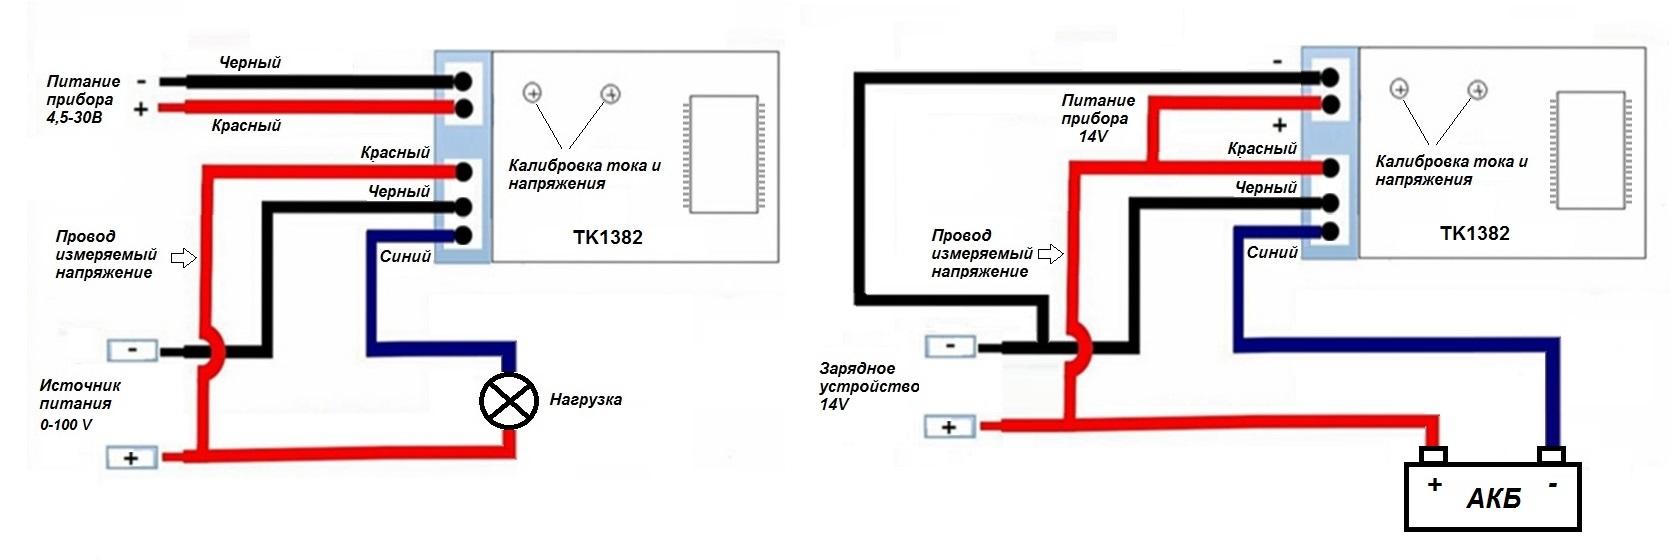 Как подключить амперметр «ТК-1382» к зарядному устройству